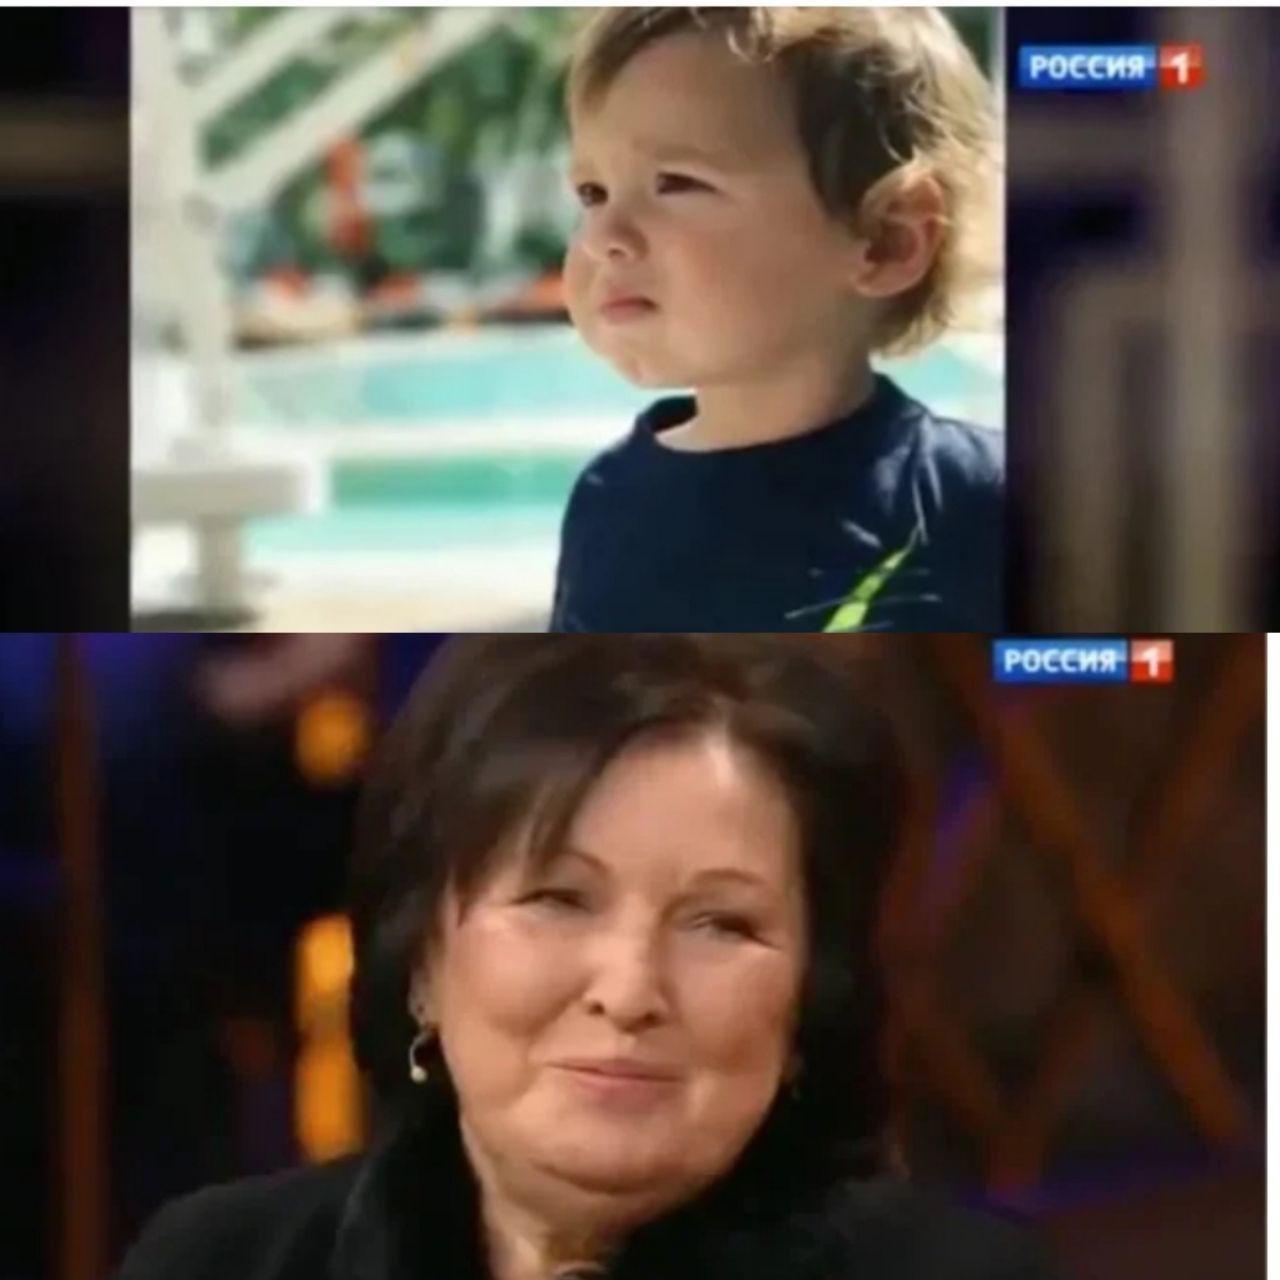 Бабушка с внуком : смотреть русское порно видео